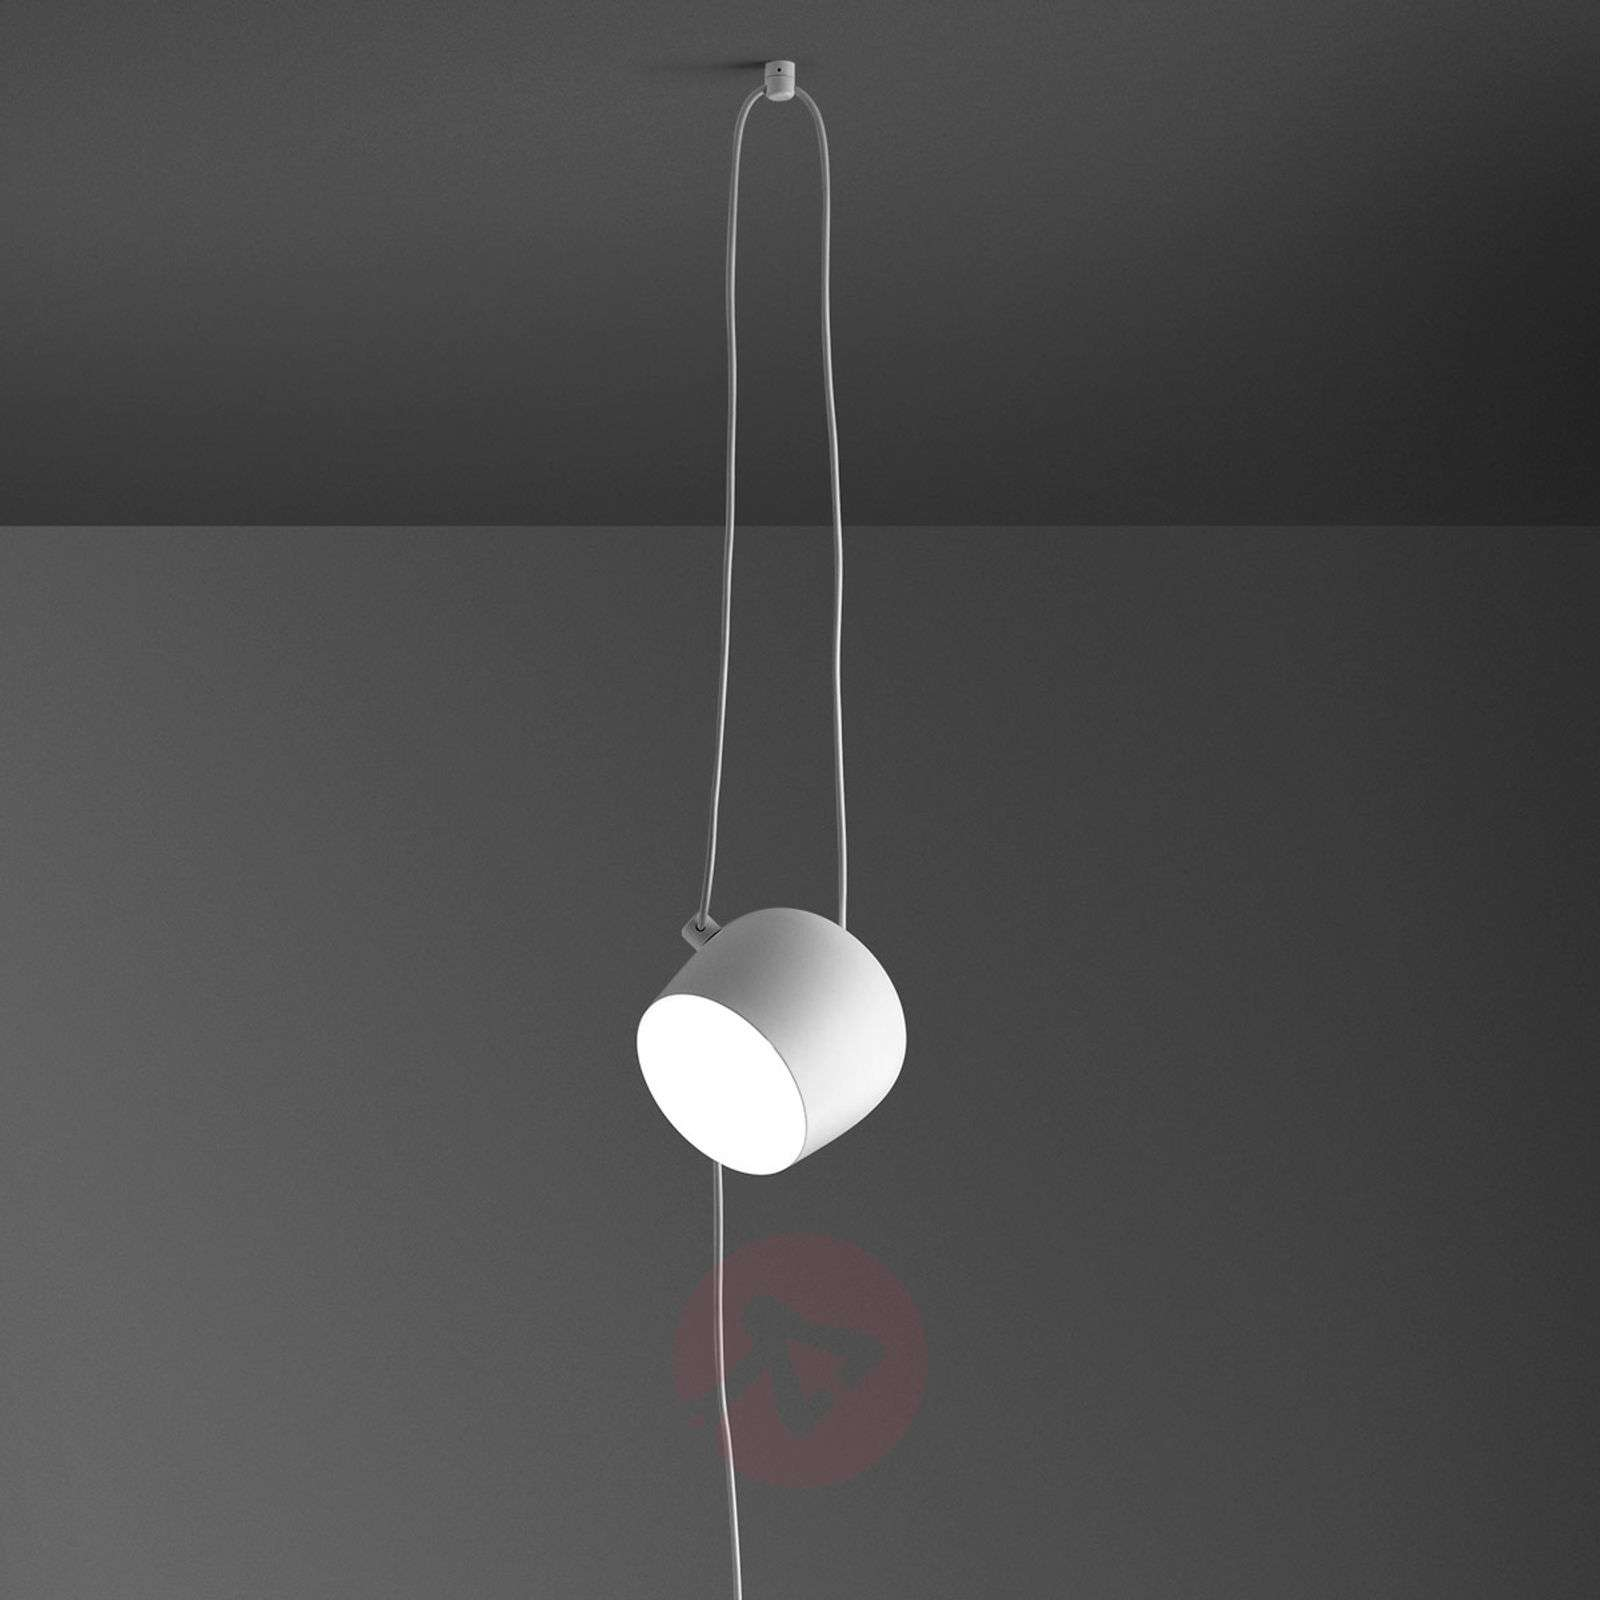 Aim Led Designer Pendant Lamp White